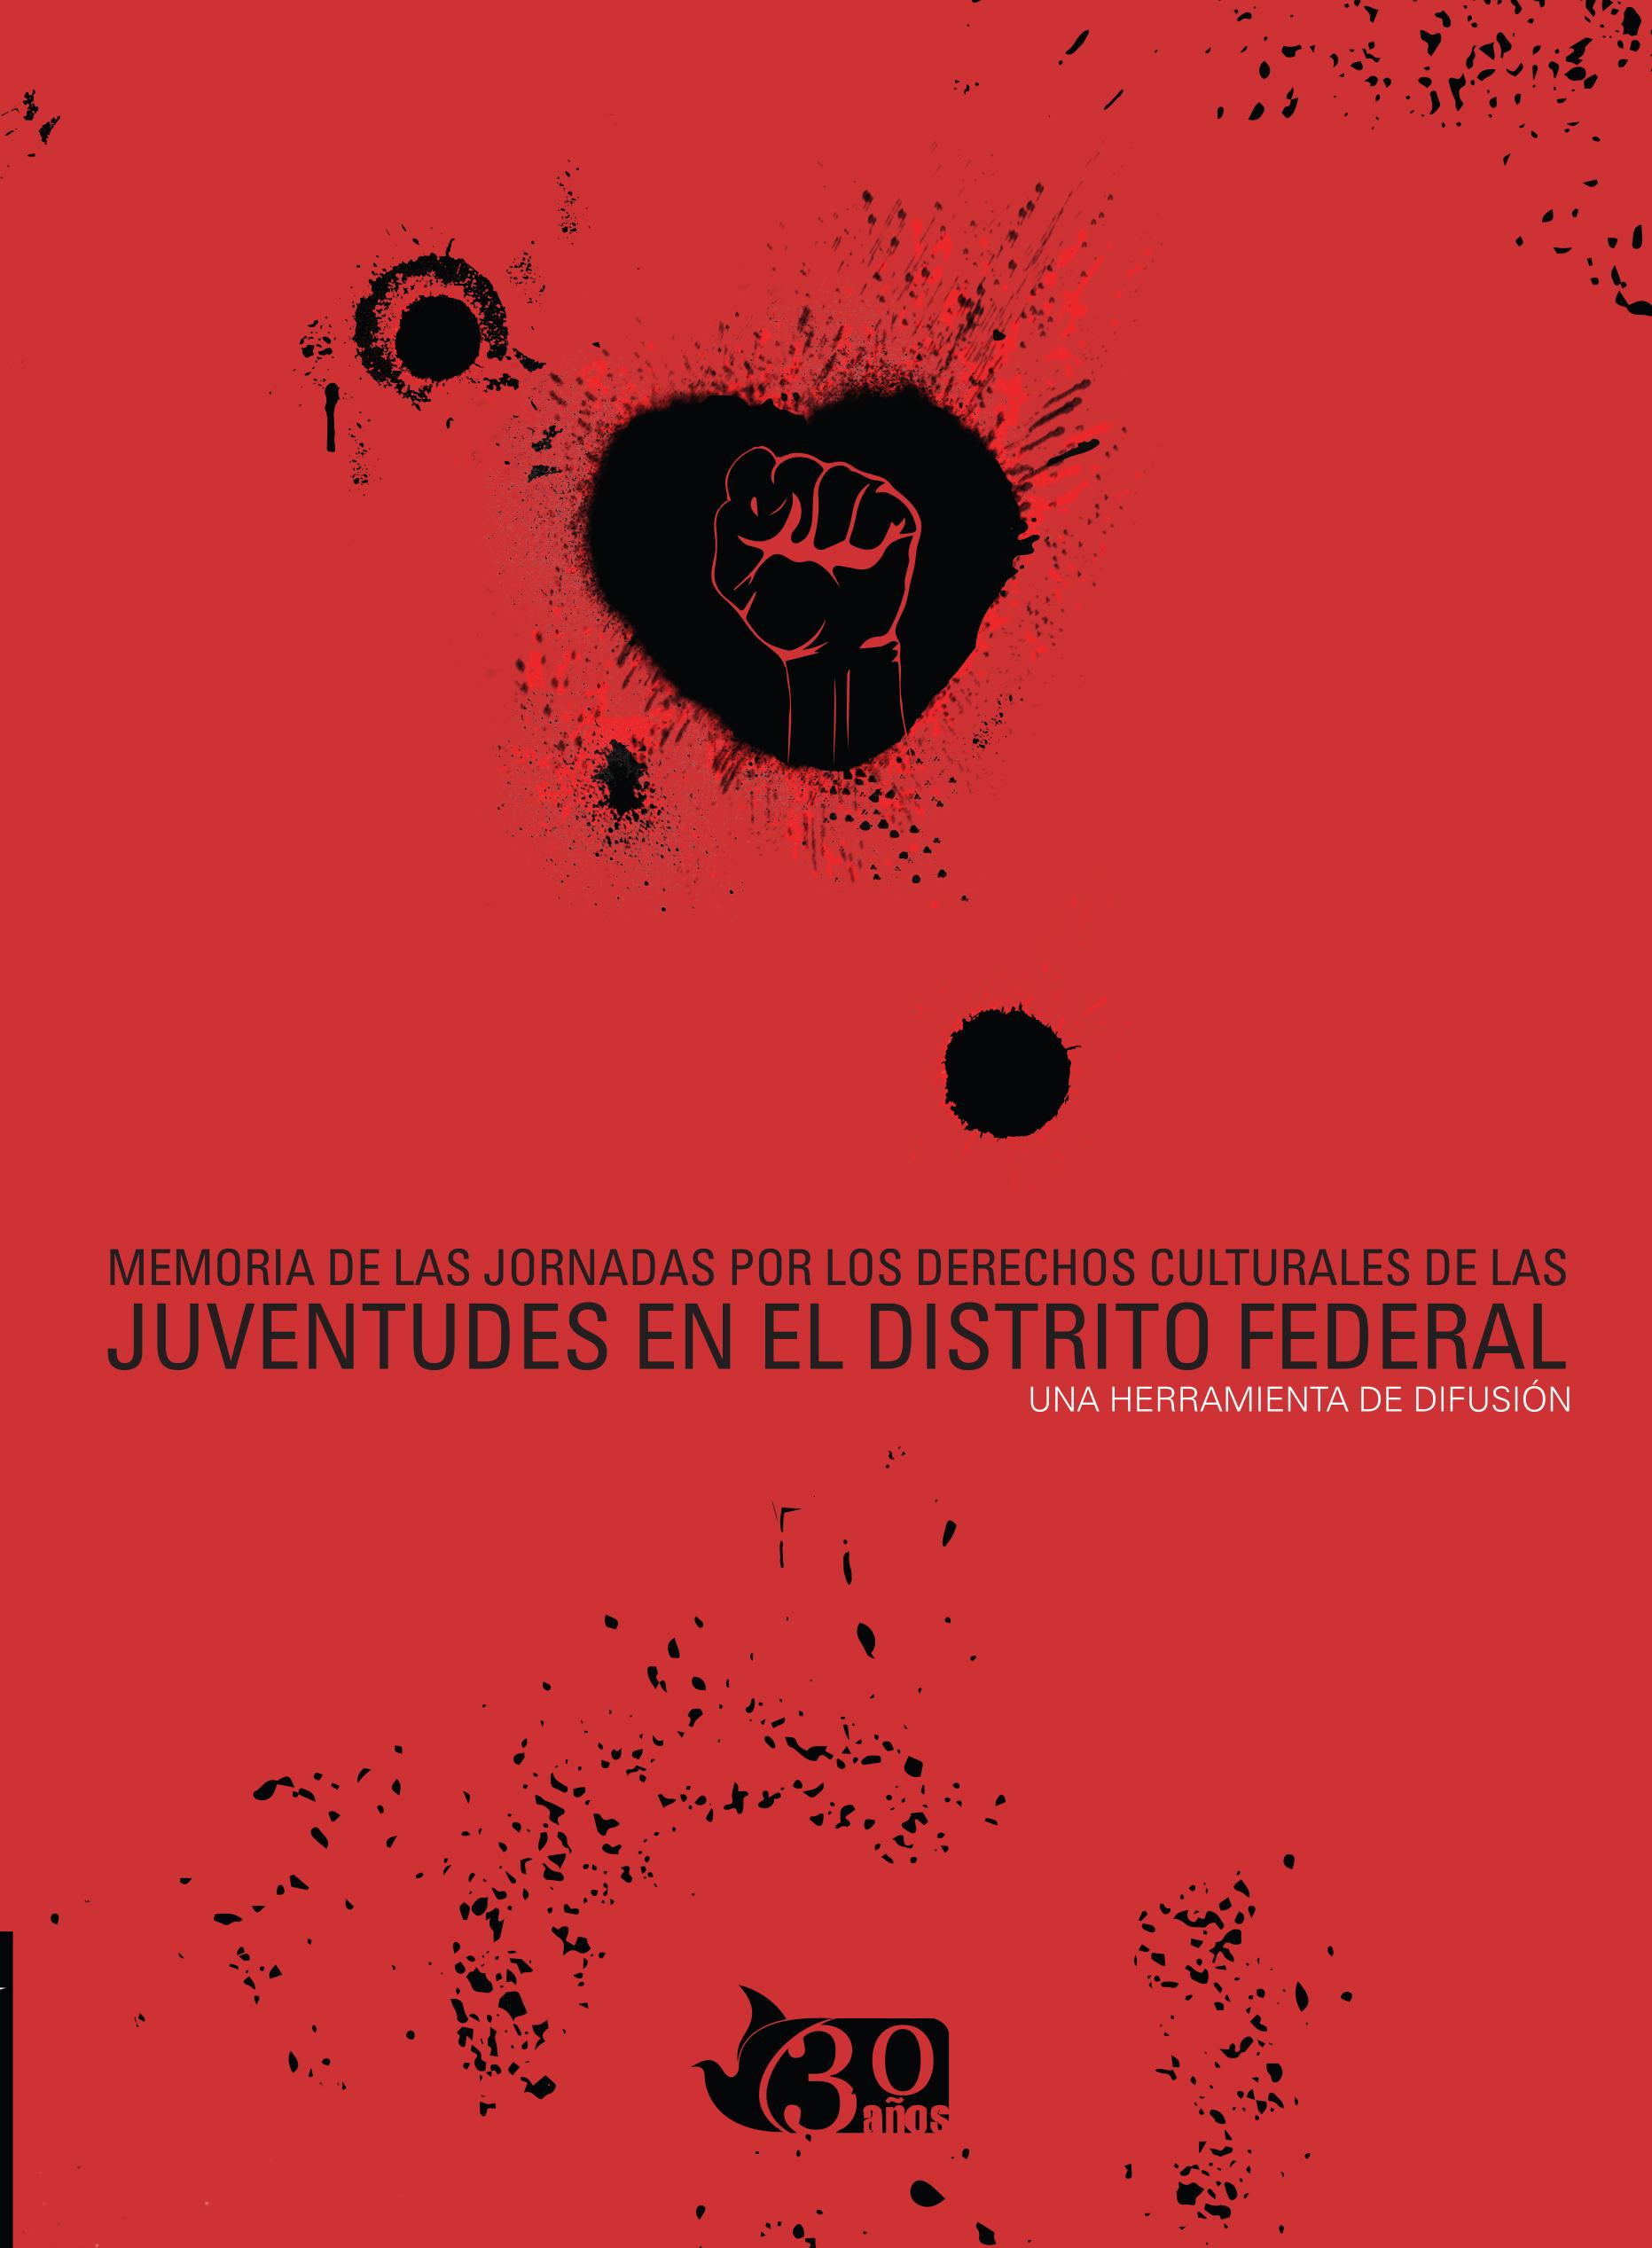 Memoria de las jornadas por los derechos culturales de las juventudes en el Distrito Federal